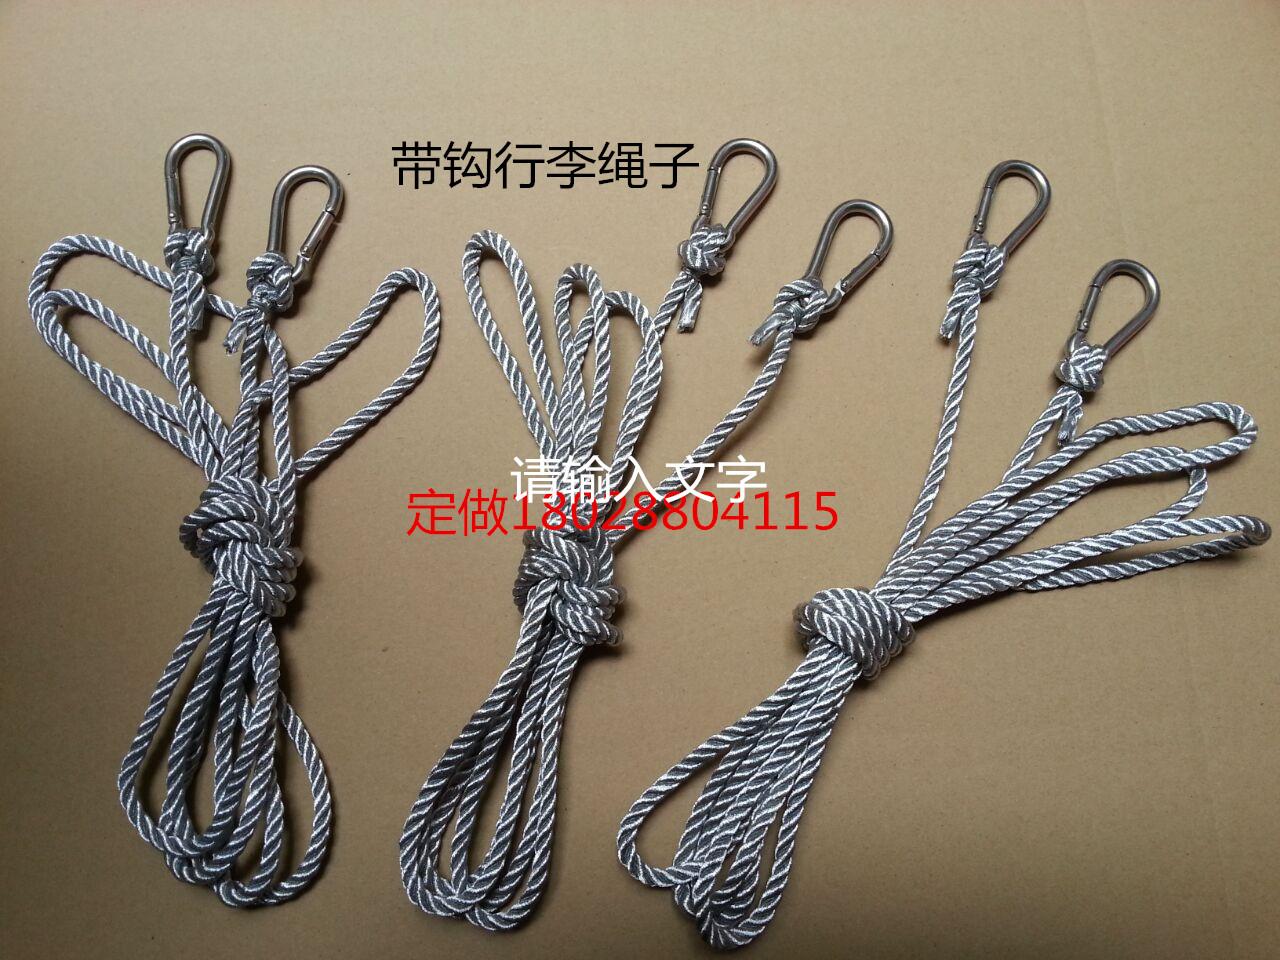 Отели багаж автомобиль багаж веревка нержавеющей стали крюк бандаж веревка обязательный веревка упругие веревки. багаж чистый подключить веревка